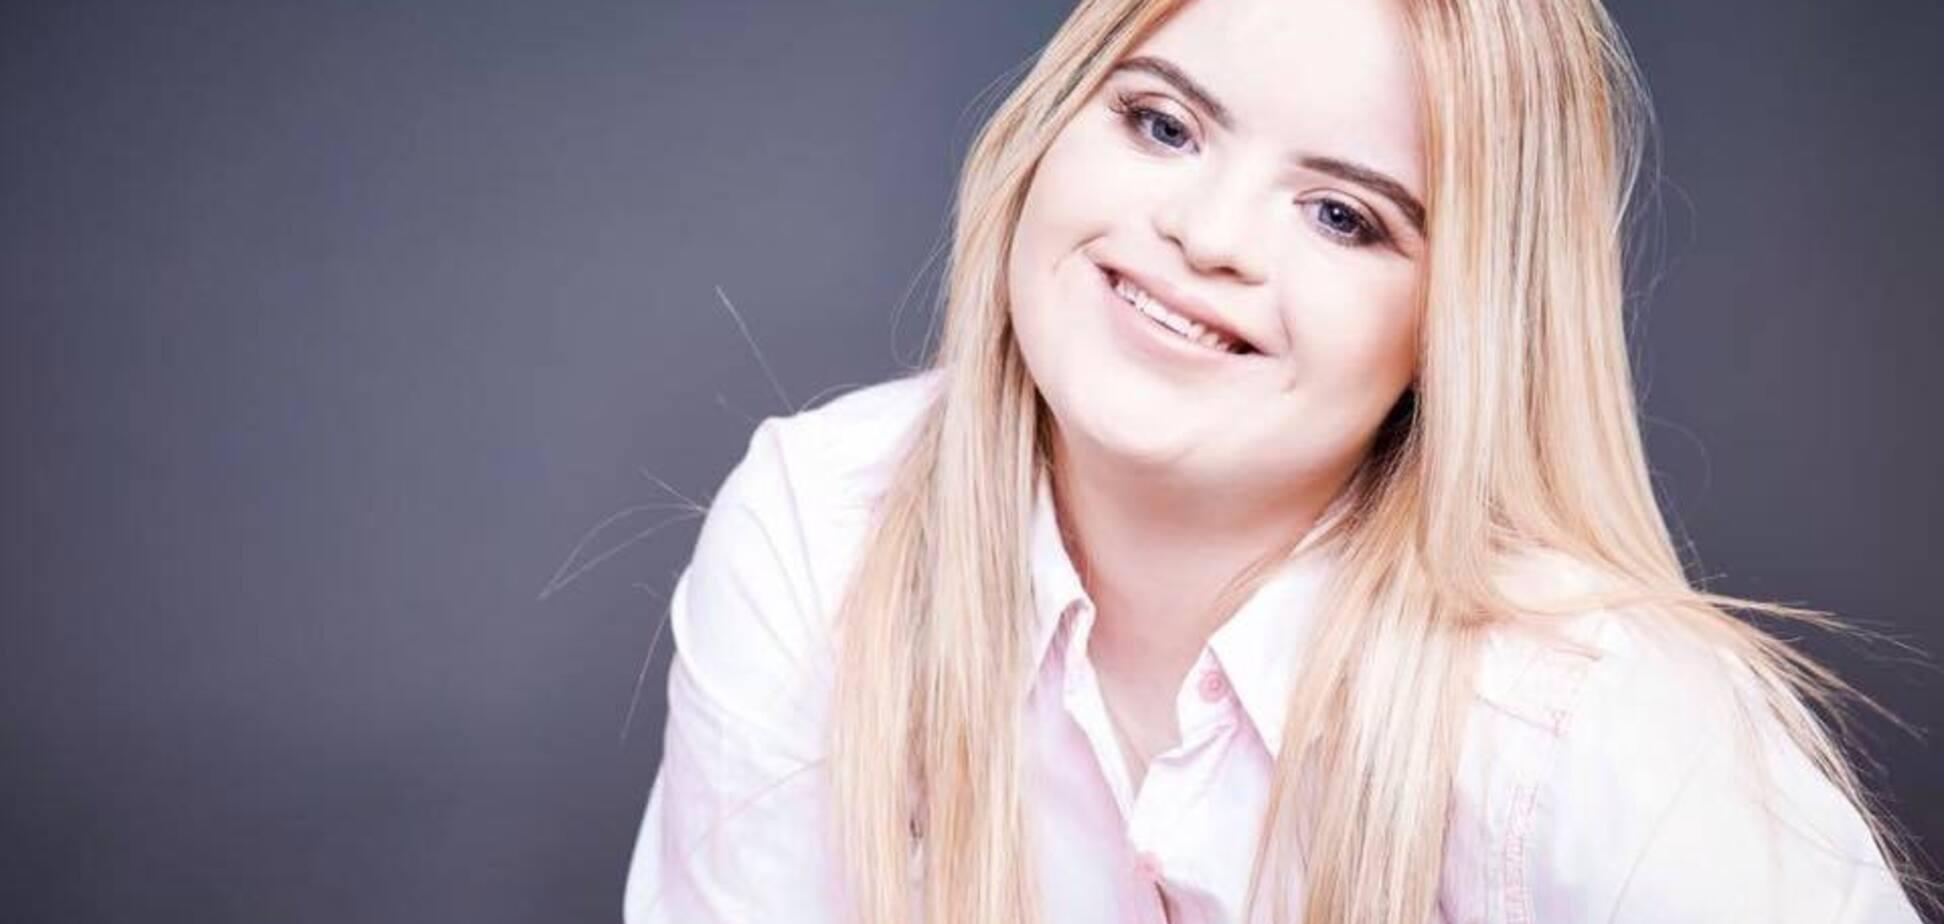 Модель із синдромом Дауна виграла престижний конкурс краси: її фото